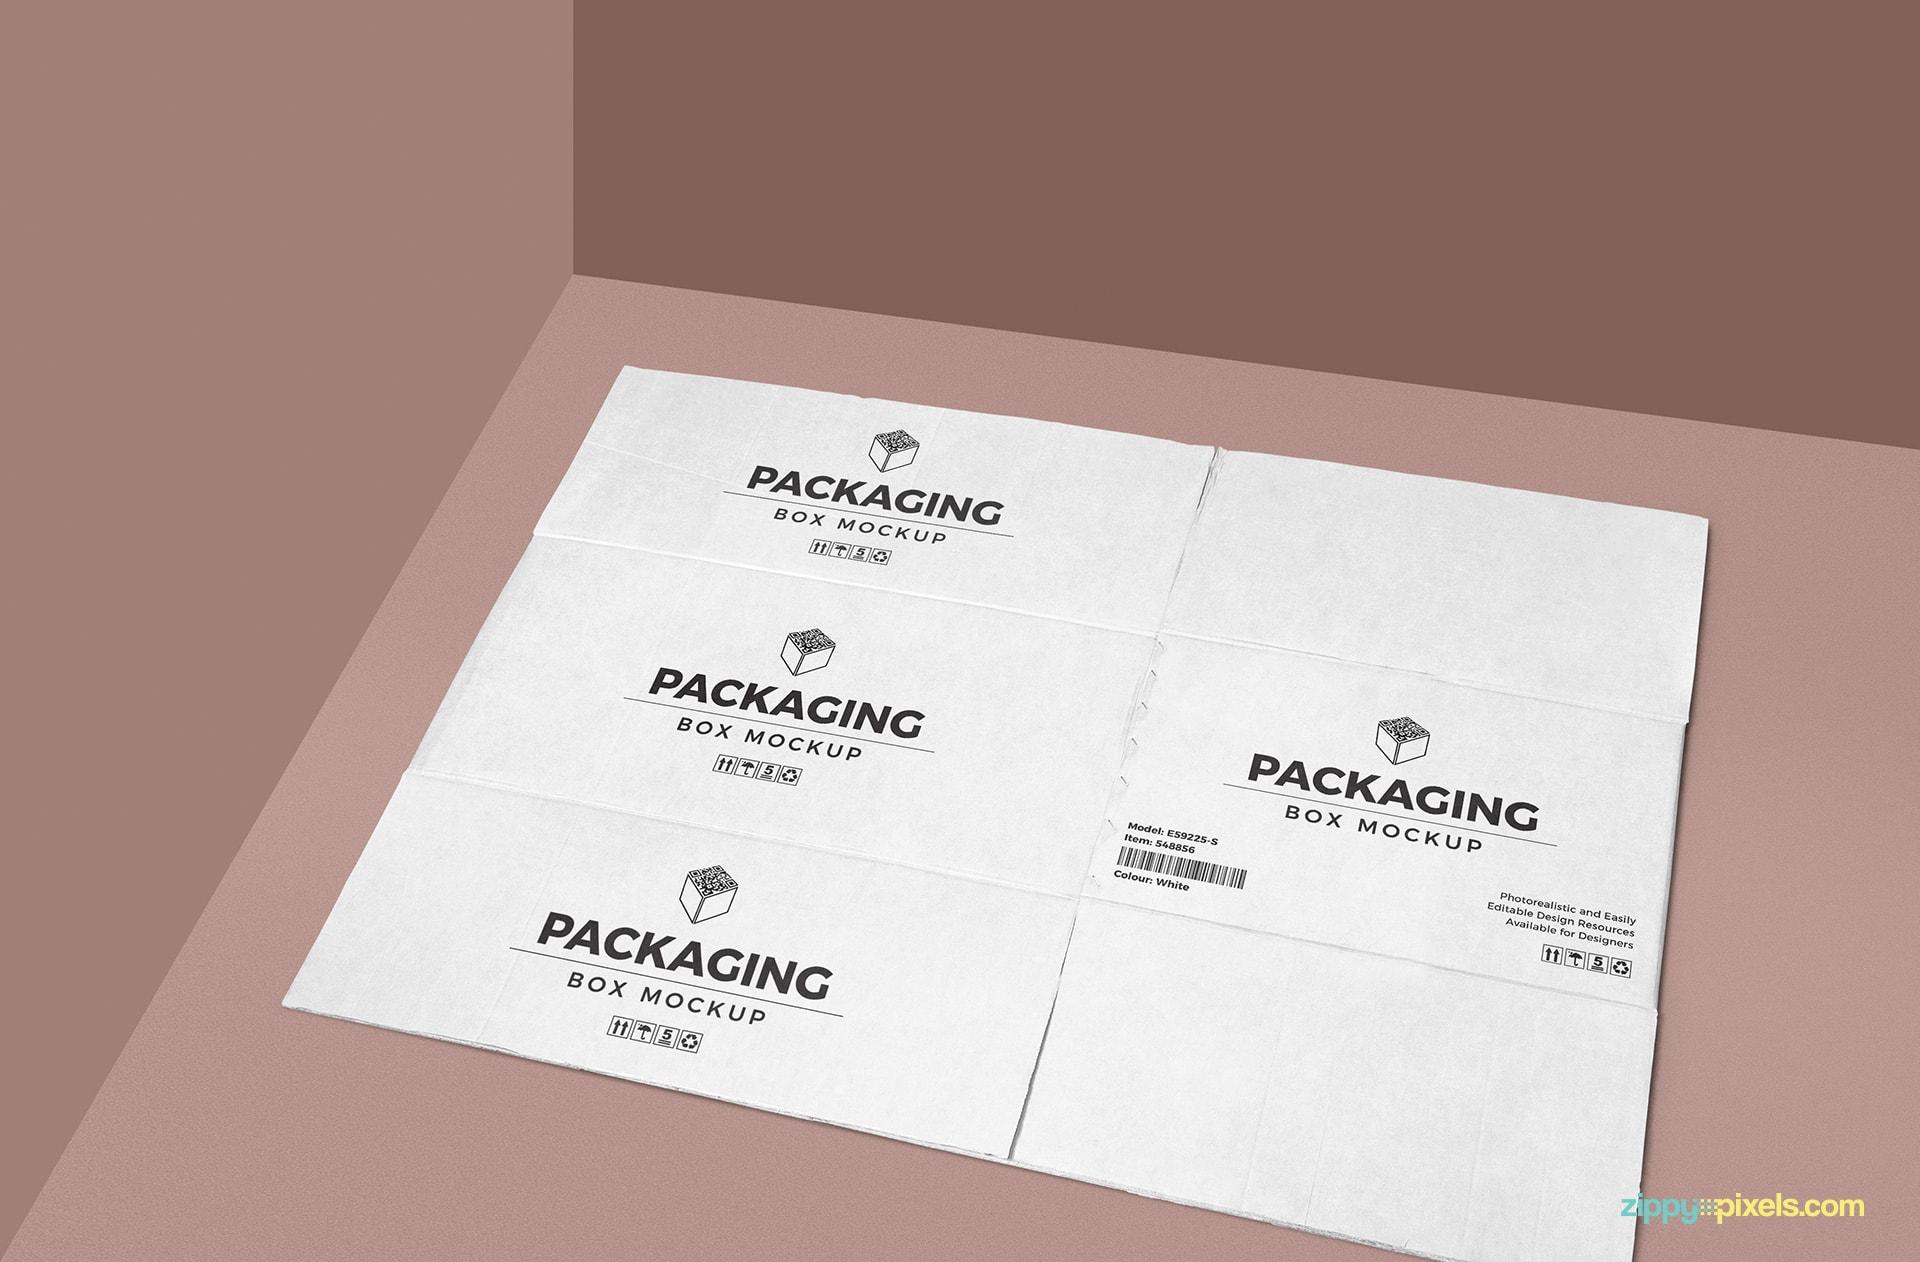 packaging-box-mockup-disassembled